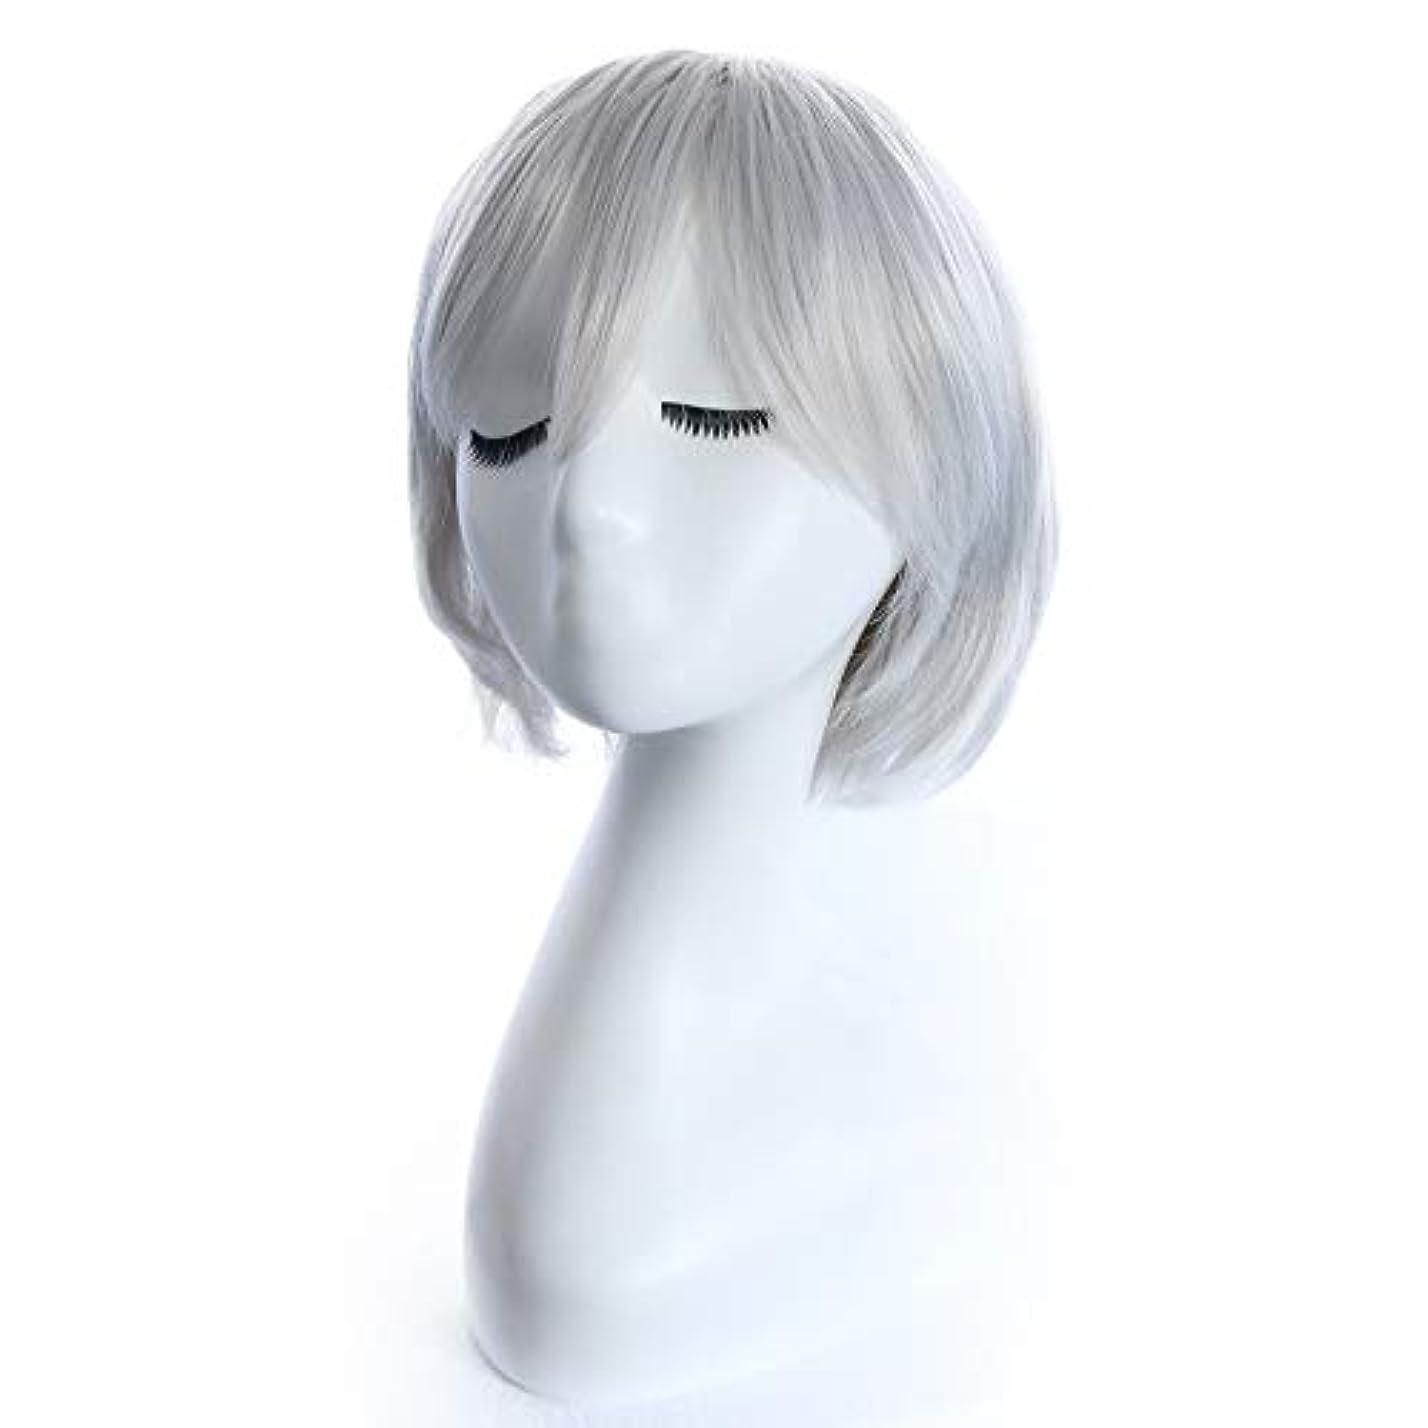 差苦味バズ女性のカラフルなコスプレ衣装のために前髪人工毛ウィッグ耐熱性繊維コスプレウィッグショートナチュラルストレートウィッグ (Color : 銀)